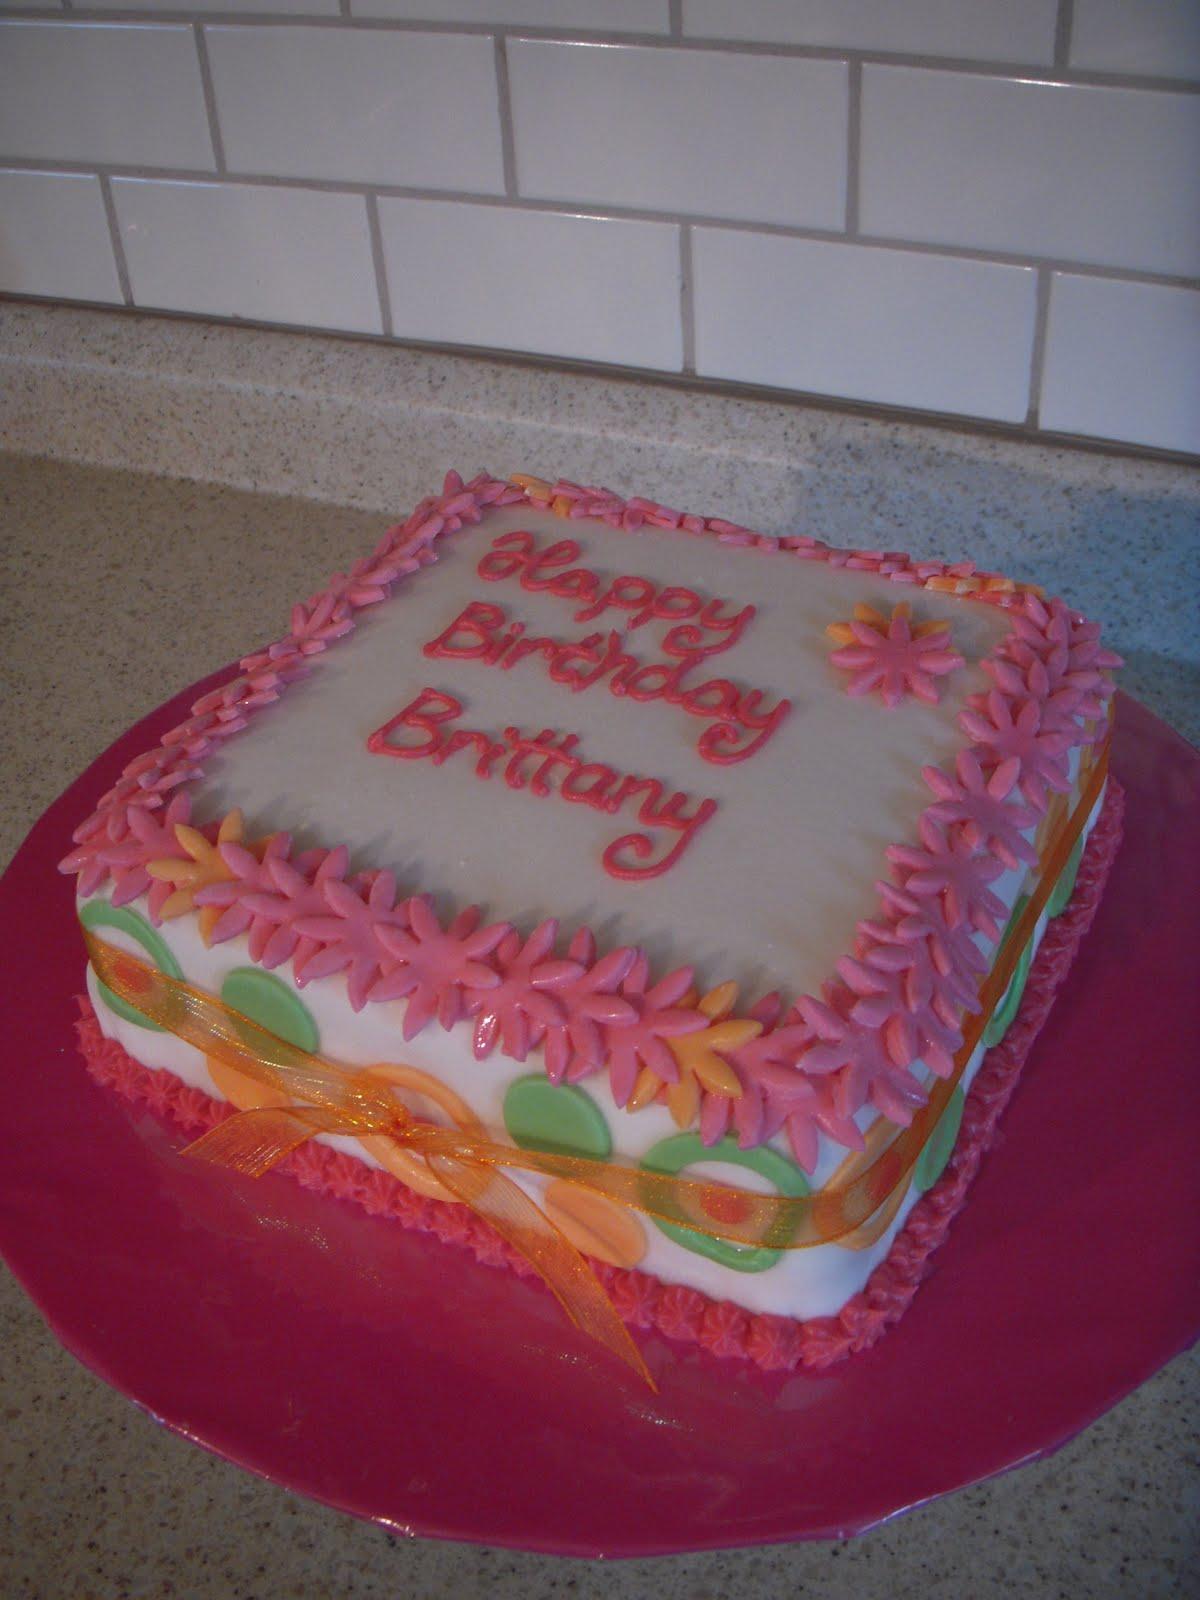 Happy Birthday Brittany Cake